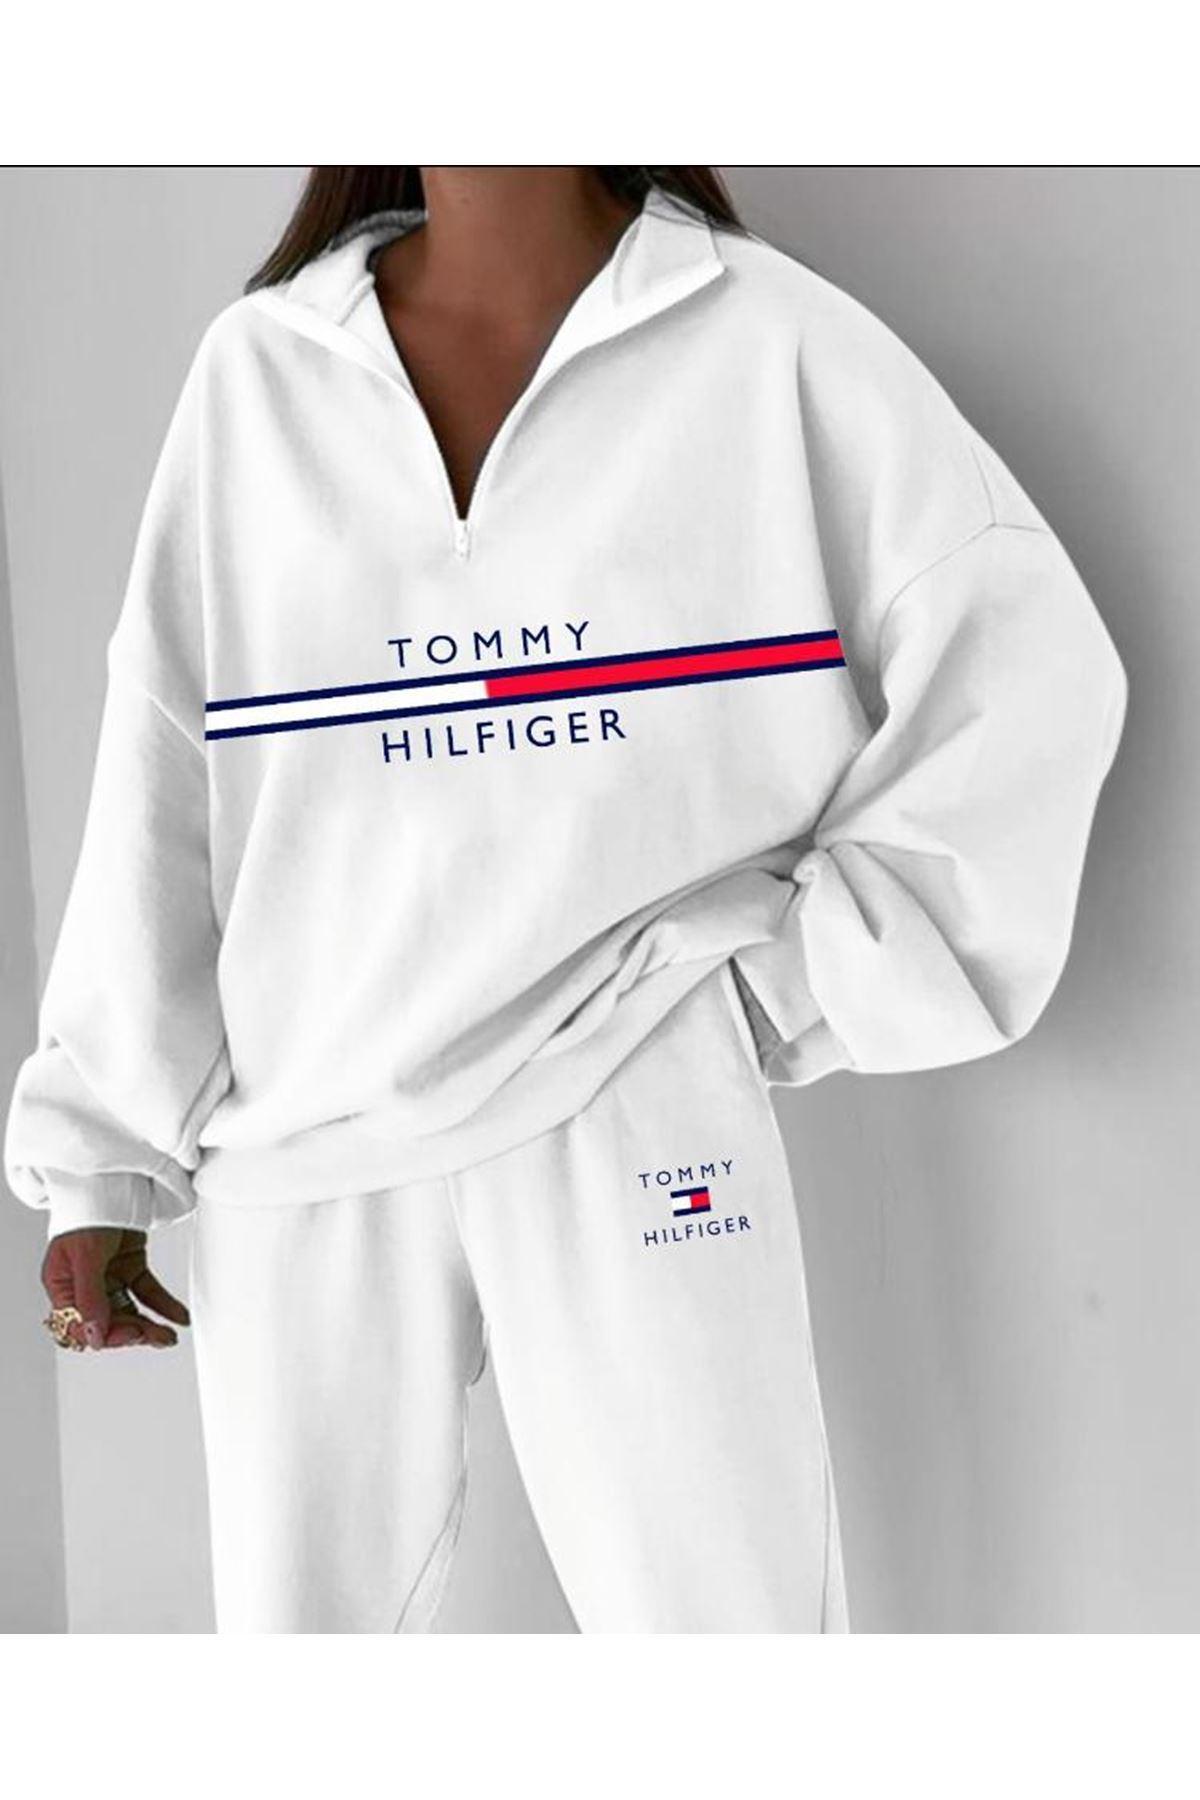 Tmmy Spor İkili Takım - Beyaz